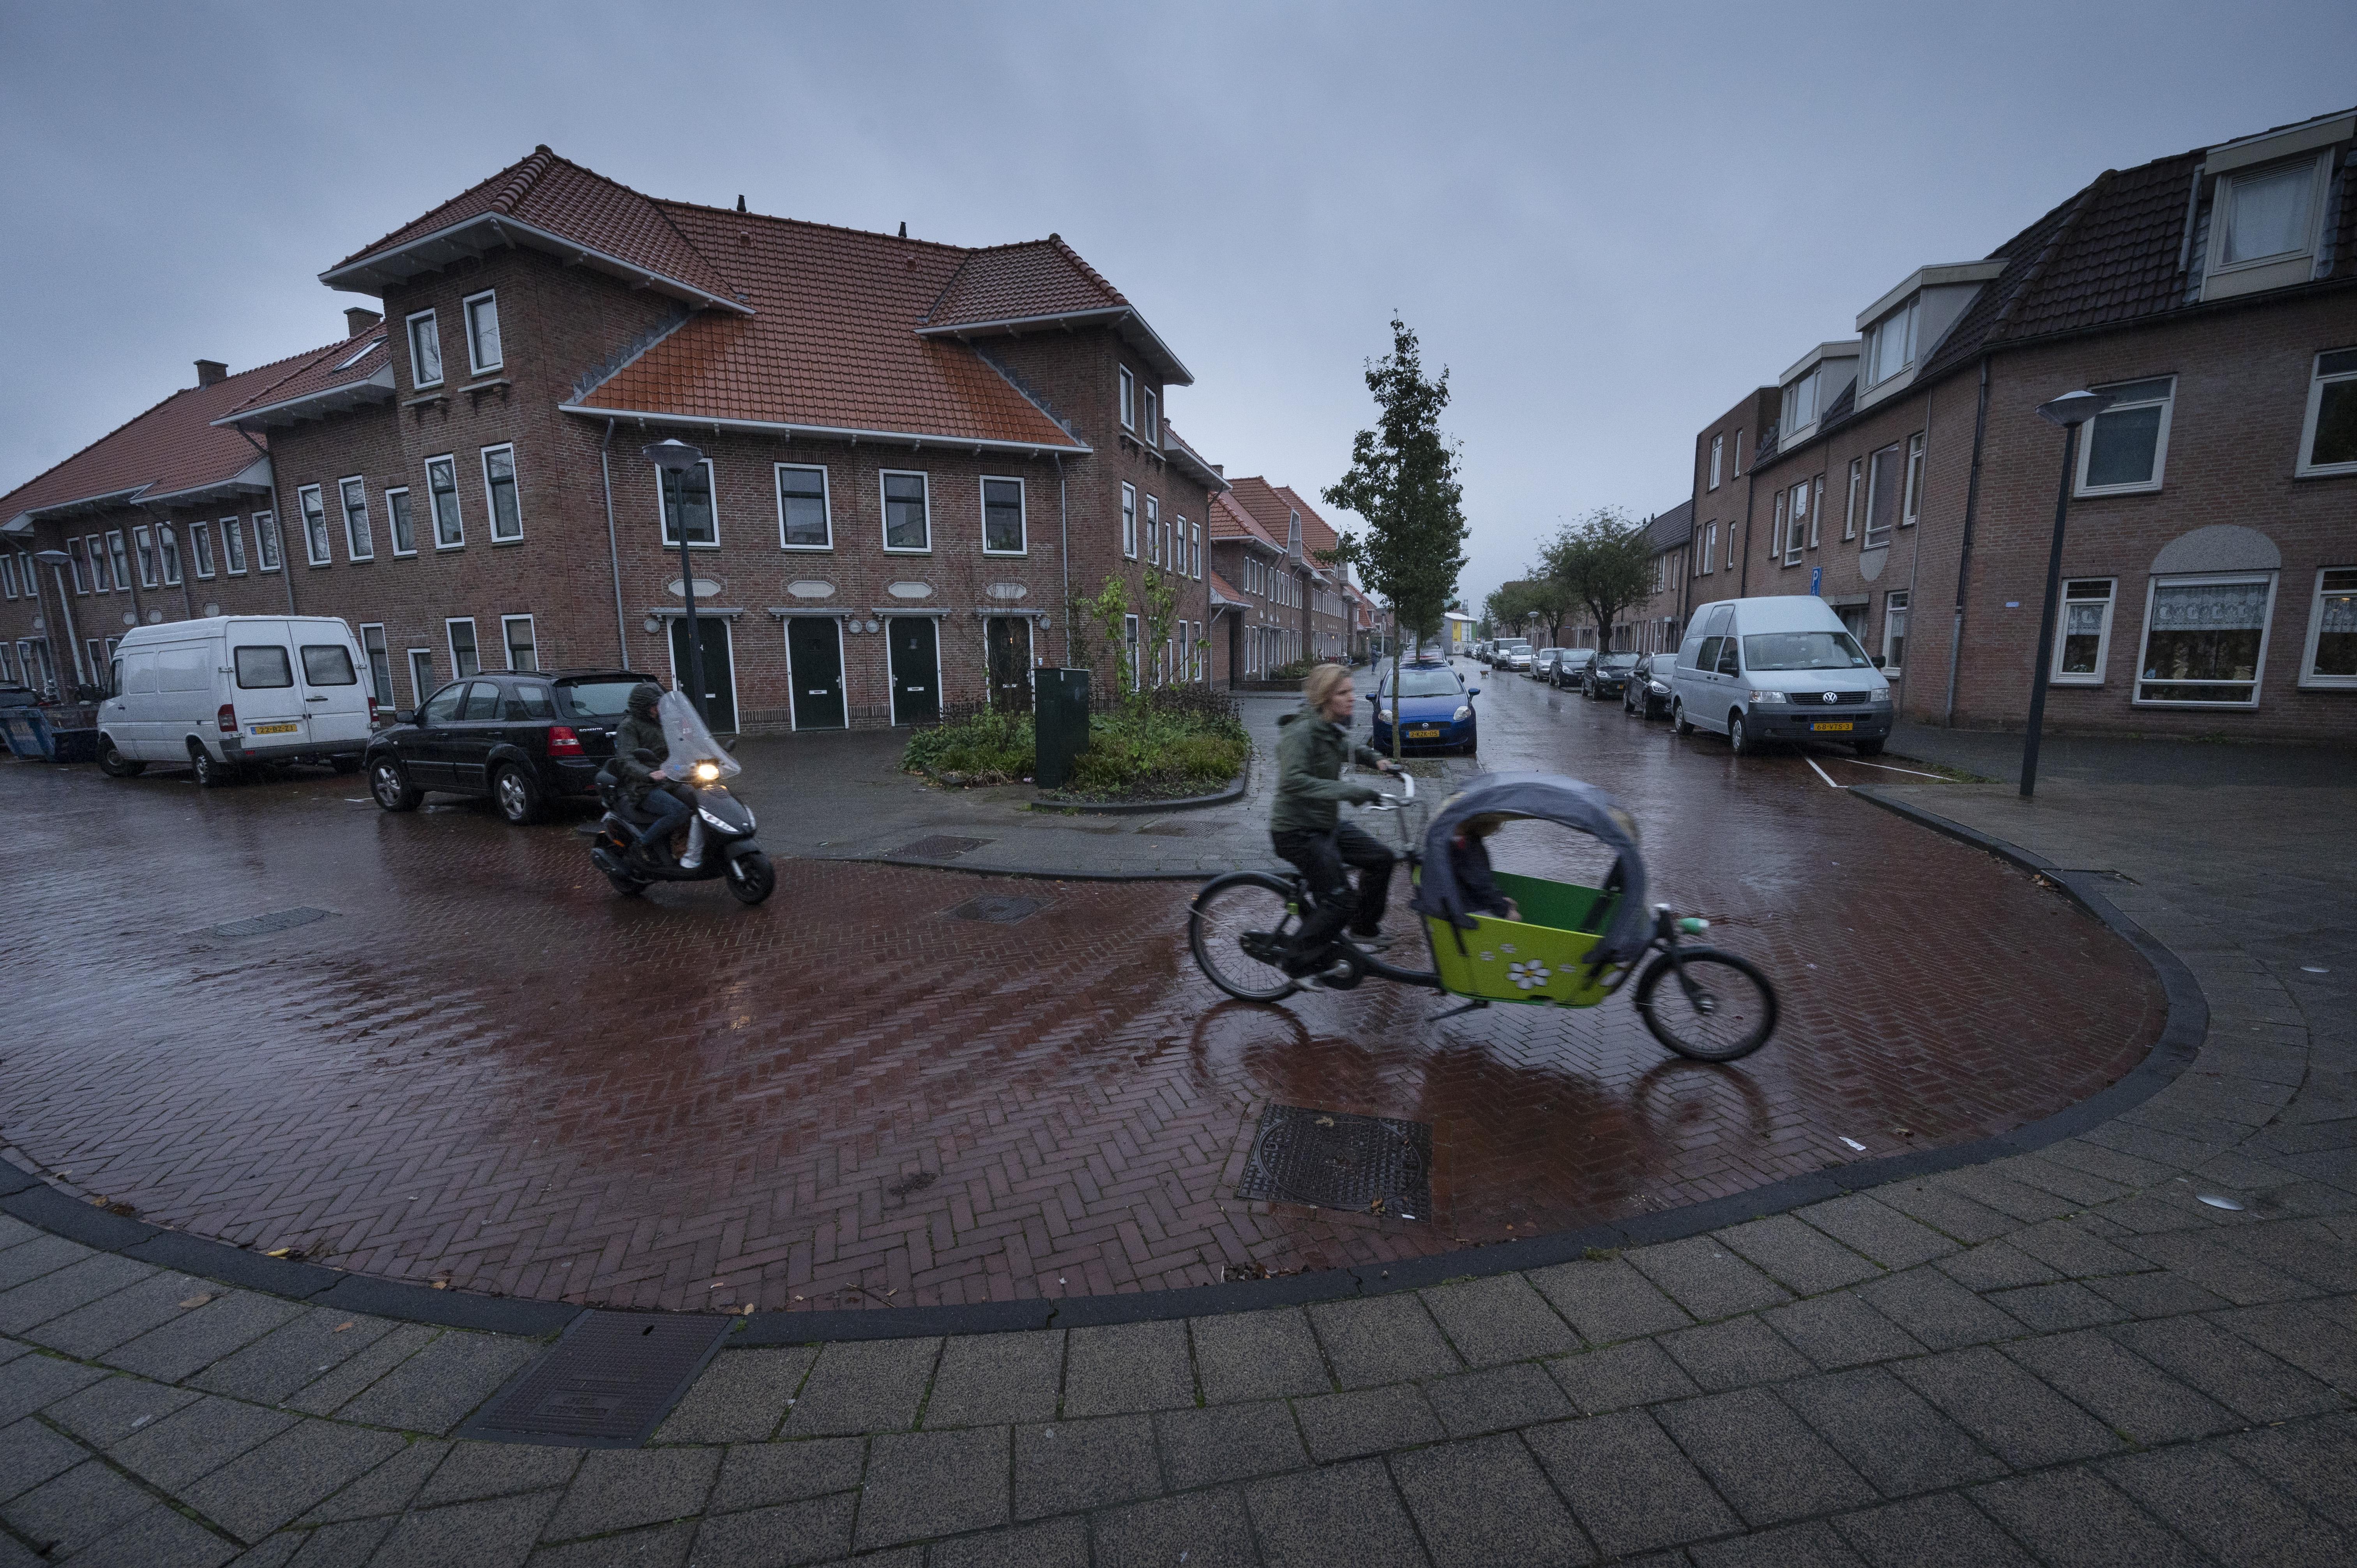 Bewoners van De Kooi maken zich zorgen om vrachtverkeer. De invalidenbus van Henk (70) was net gerepareerd, toen knalde er alweer een vrachtwagen op